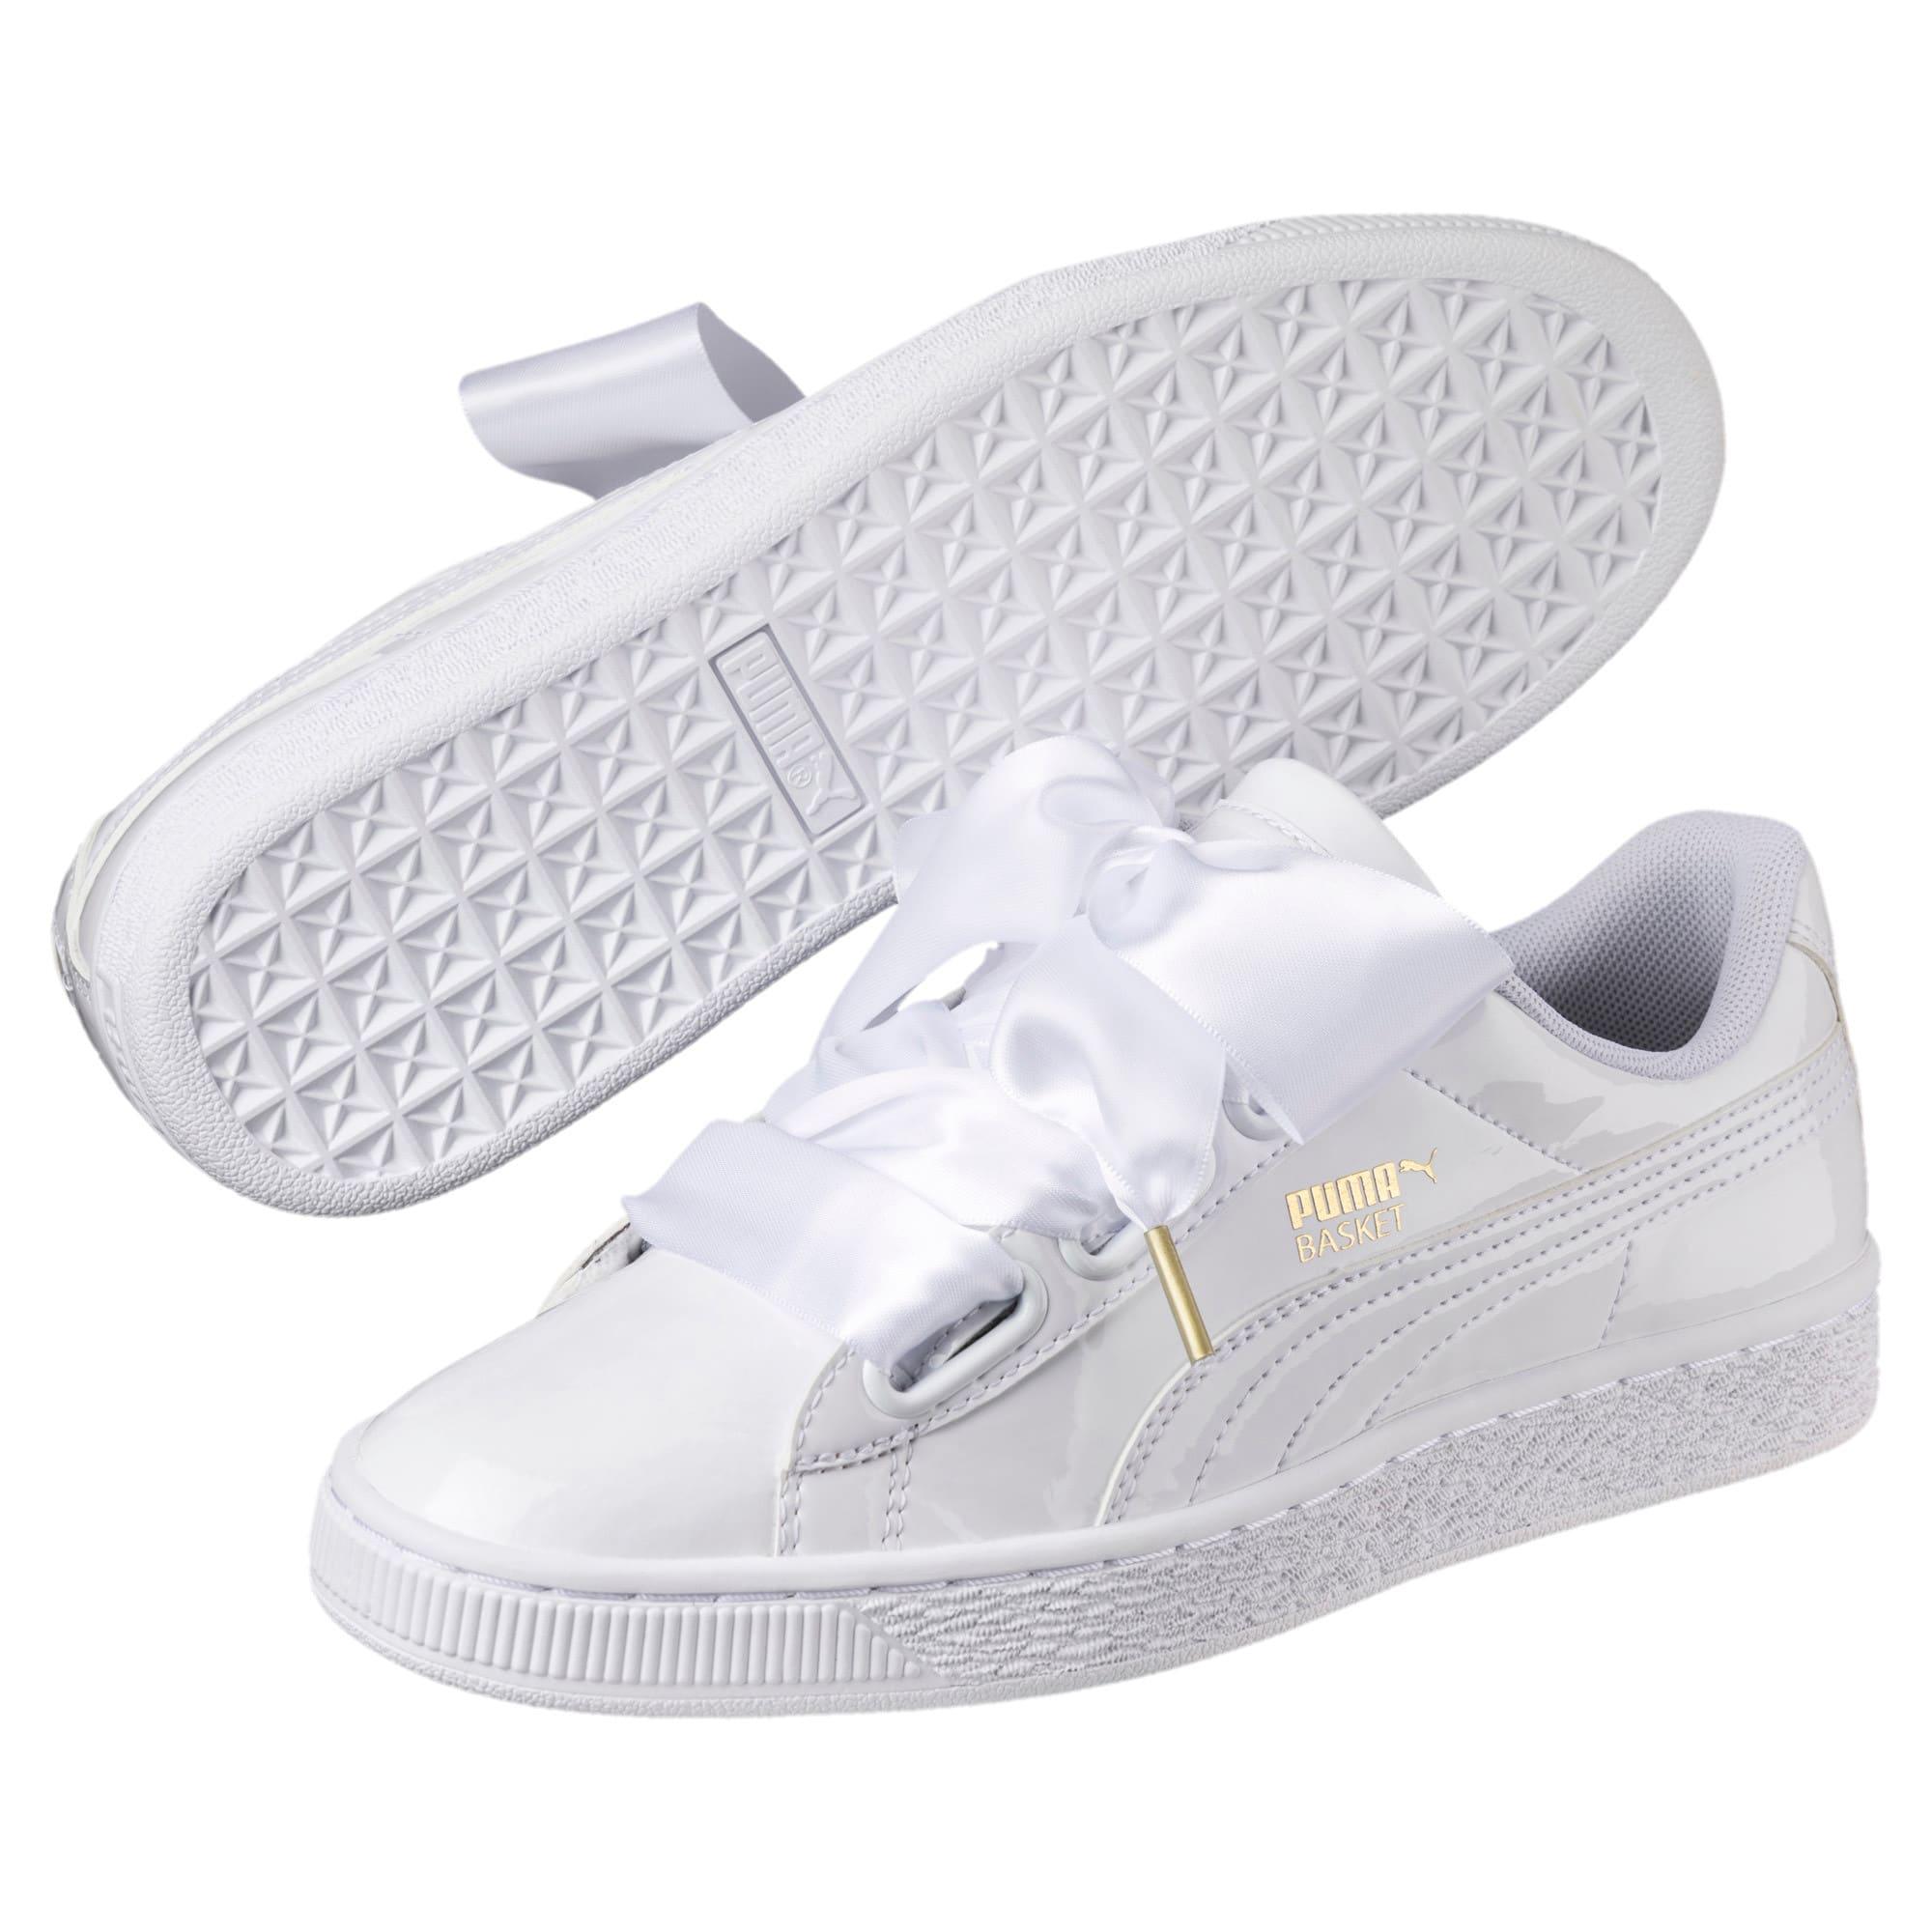 Puma Damen Basket Heart NS Sneaker Schuh 364108 | kaufen bei